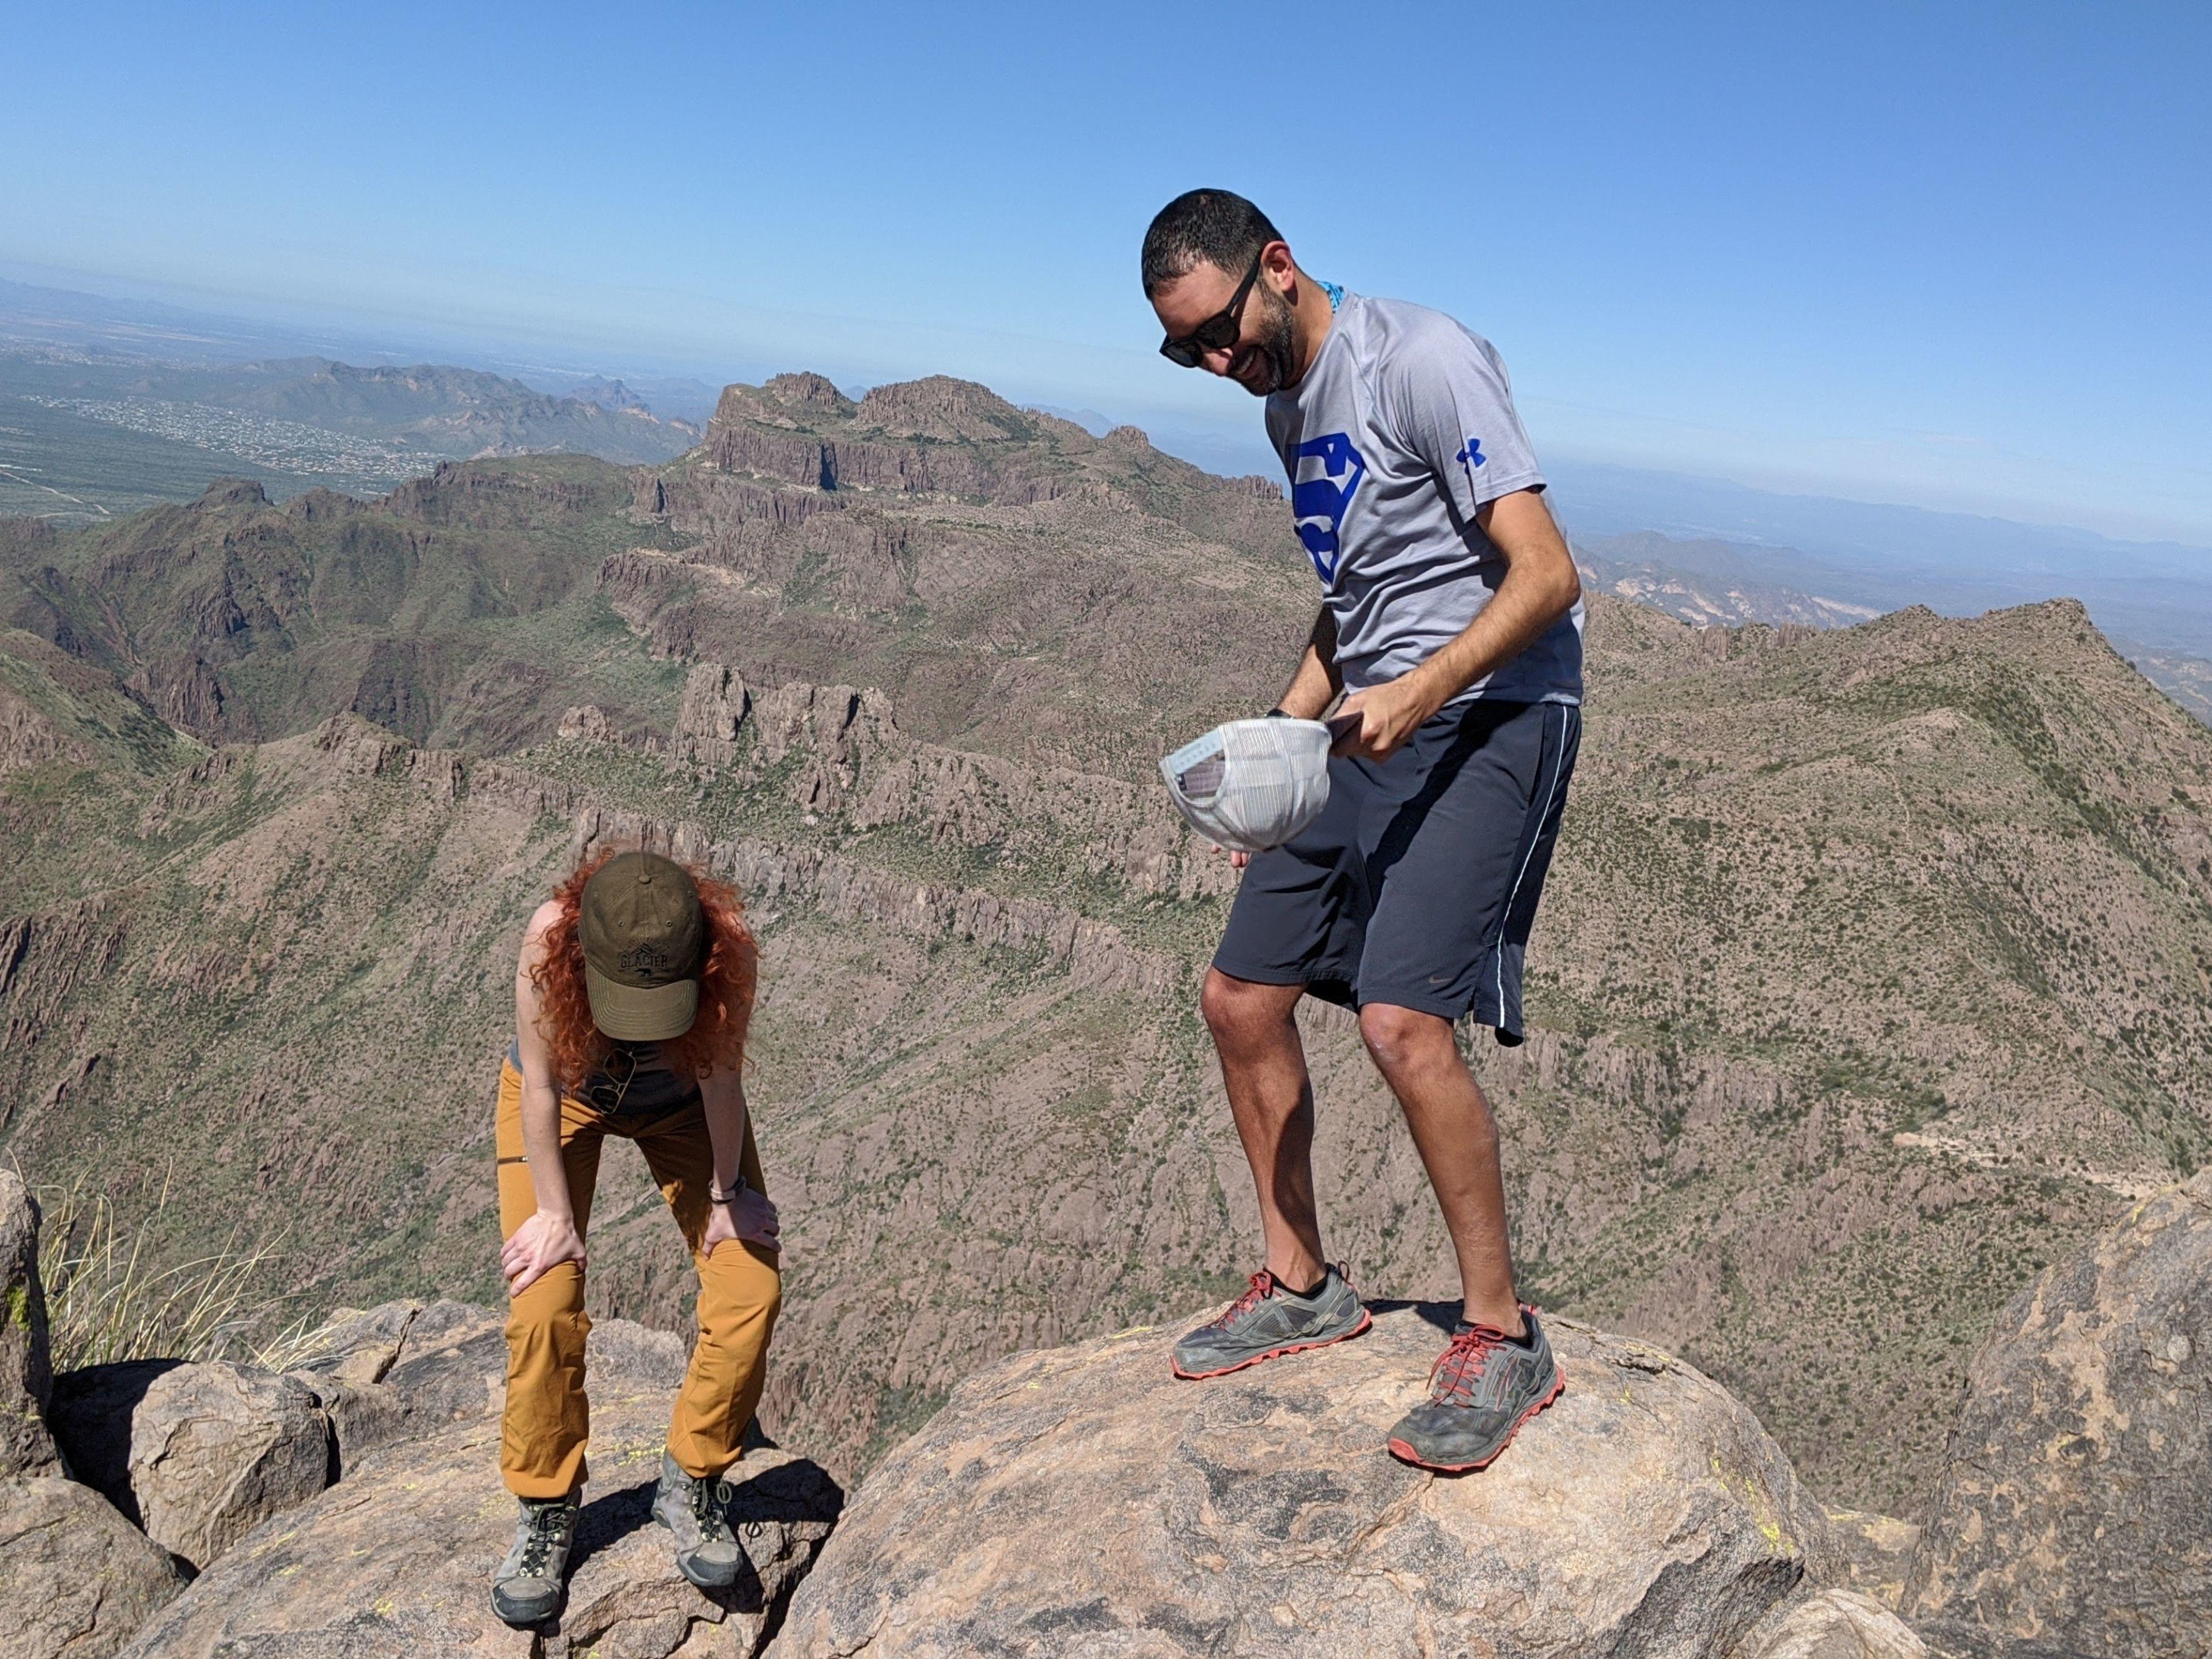 Maggie & Daniel laughing on top of Peak 5057